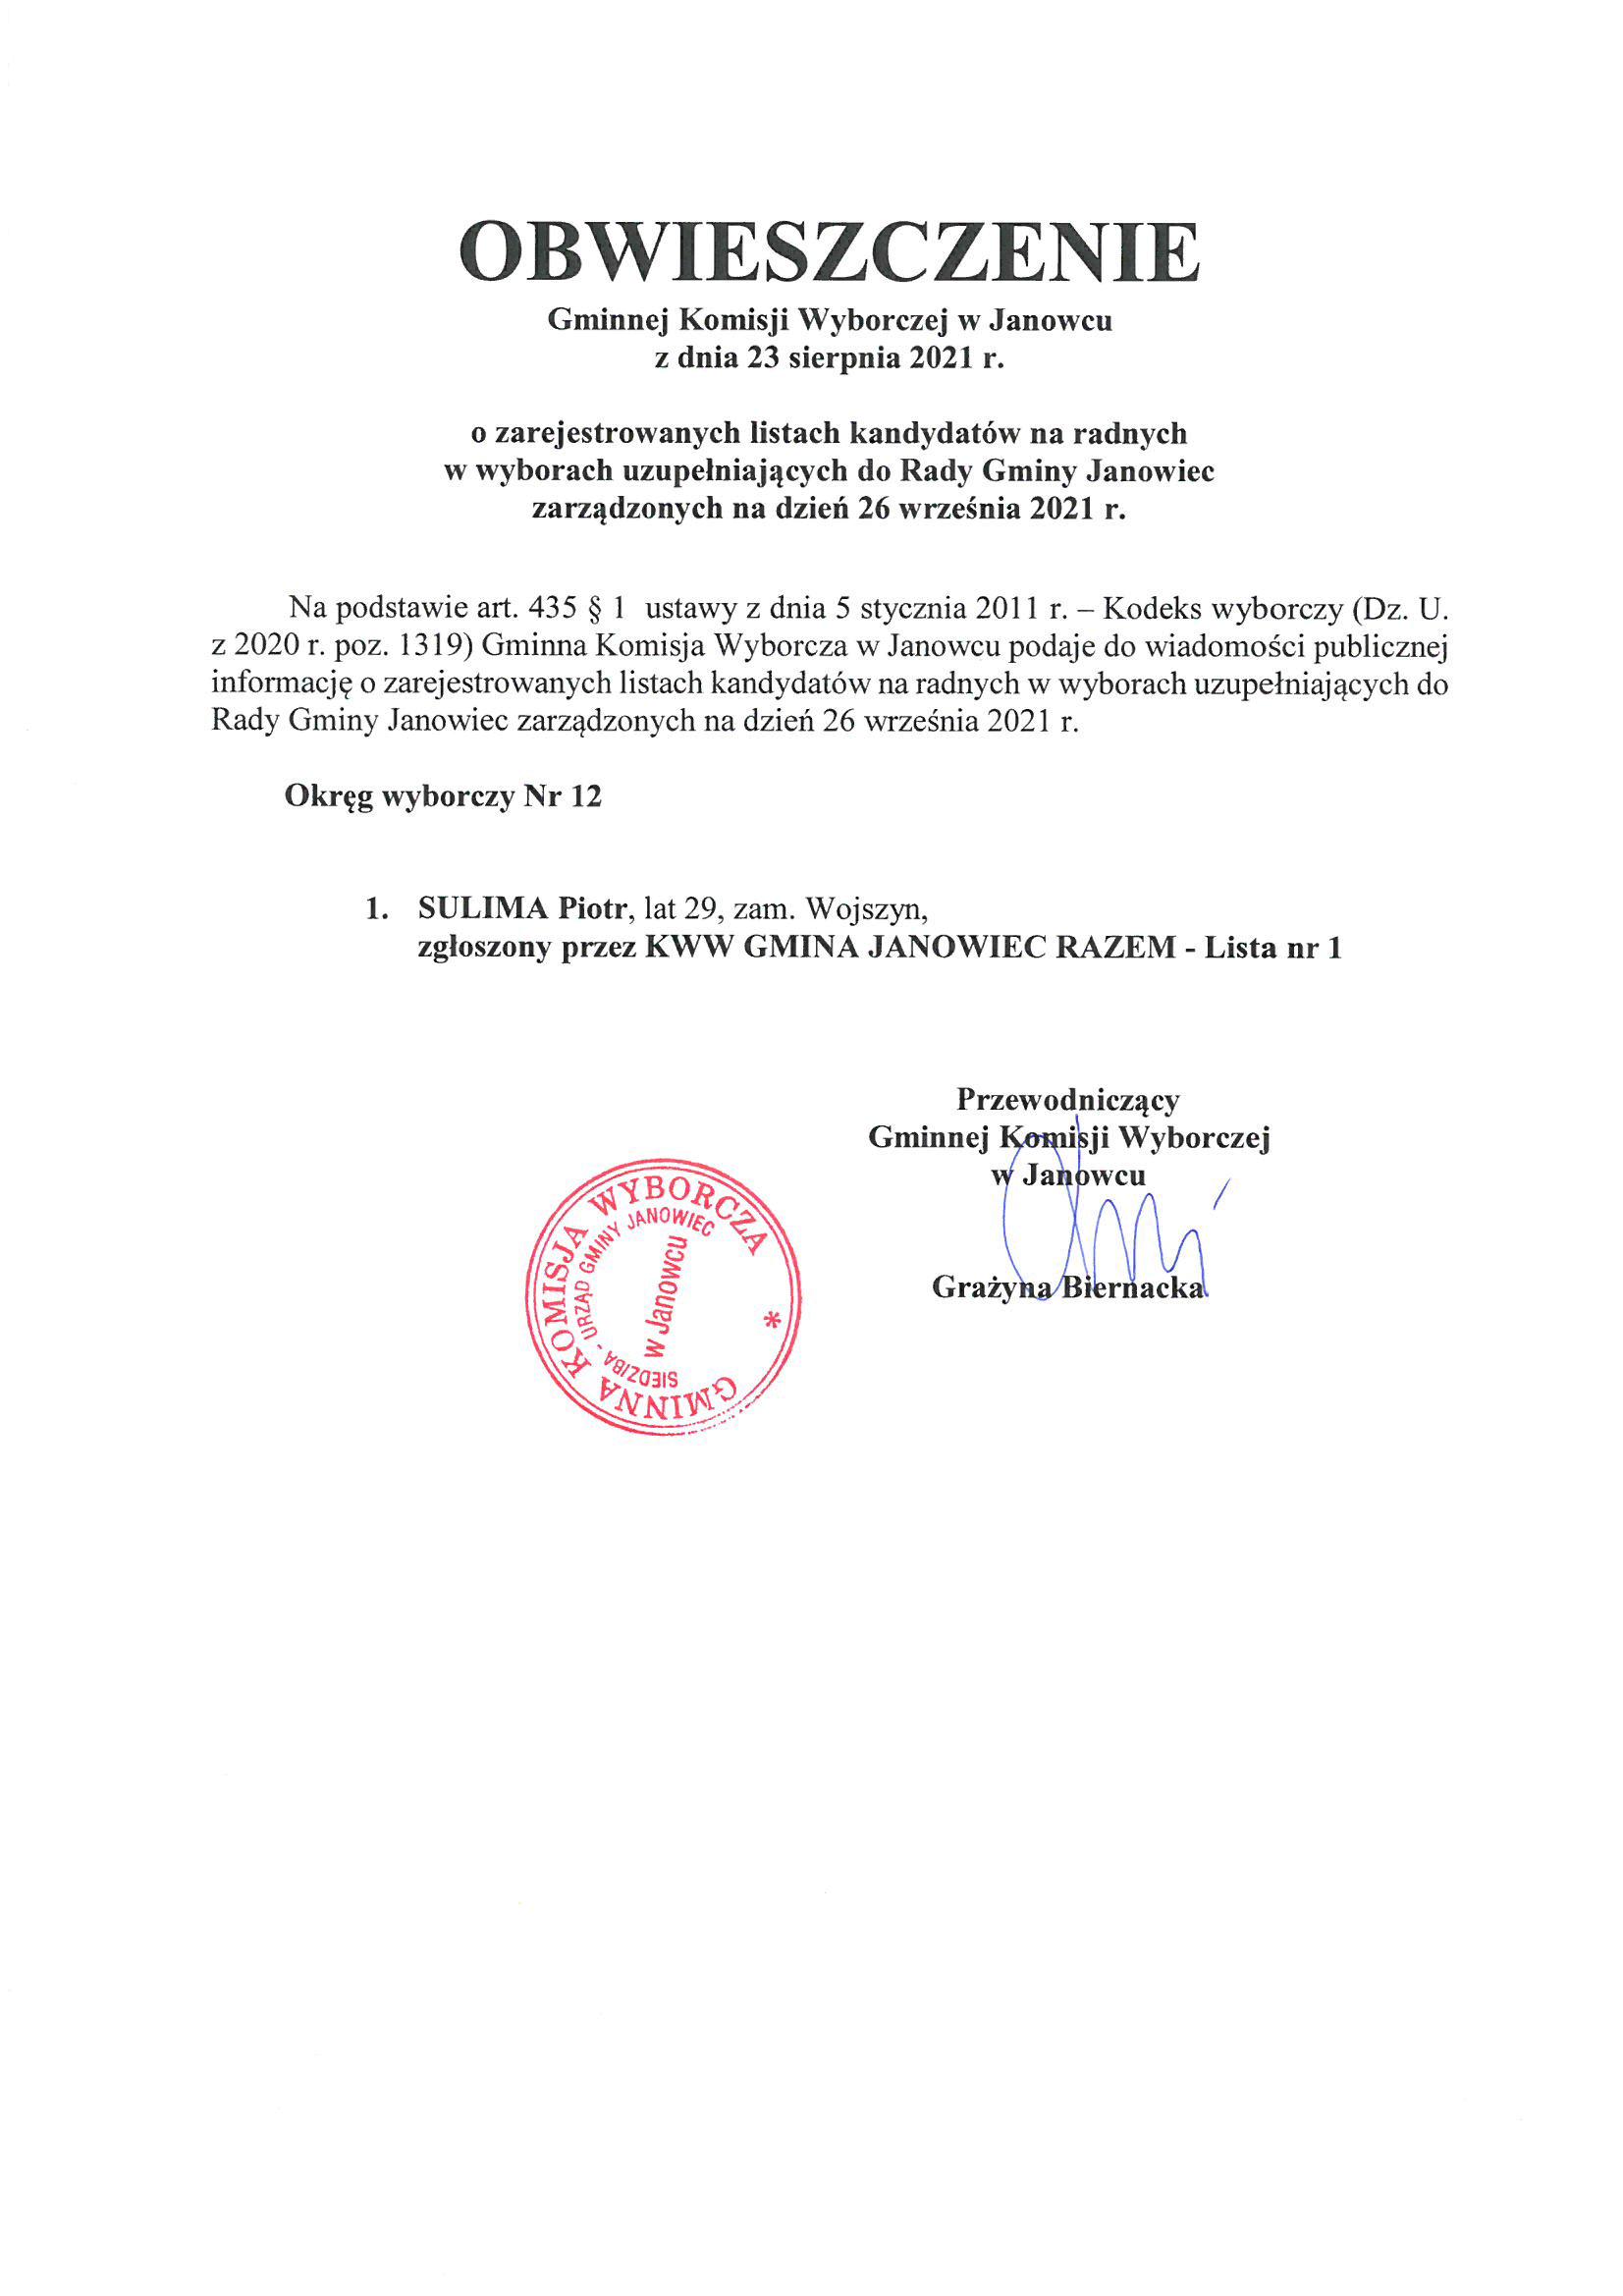 Obwieszczenie GKW w Janowcu o zarejestrowanych listach kandydatów na radnych w wyborach uzupełniających do Rady Gminy Janowiec